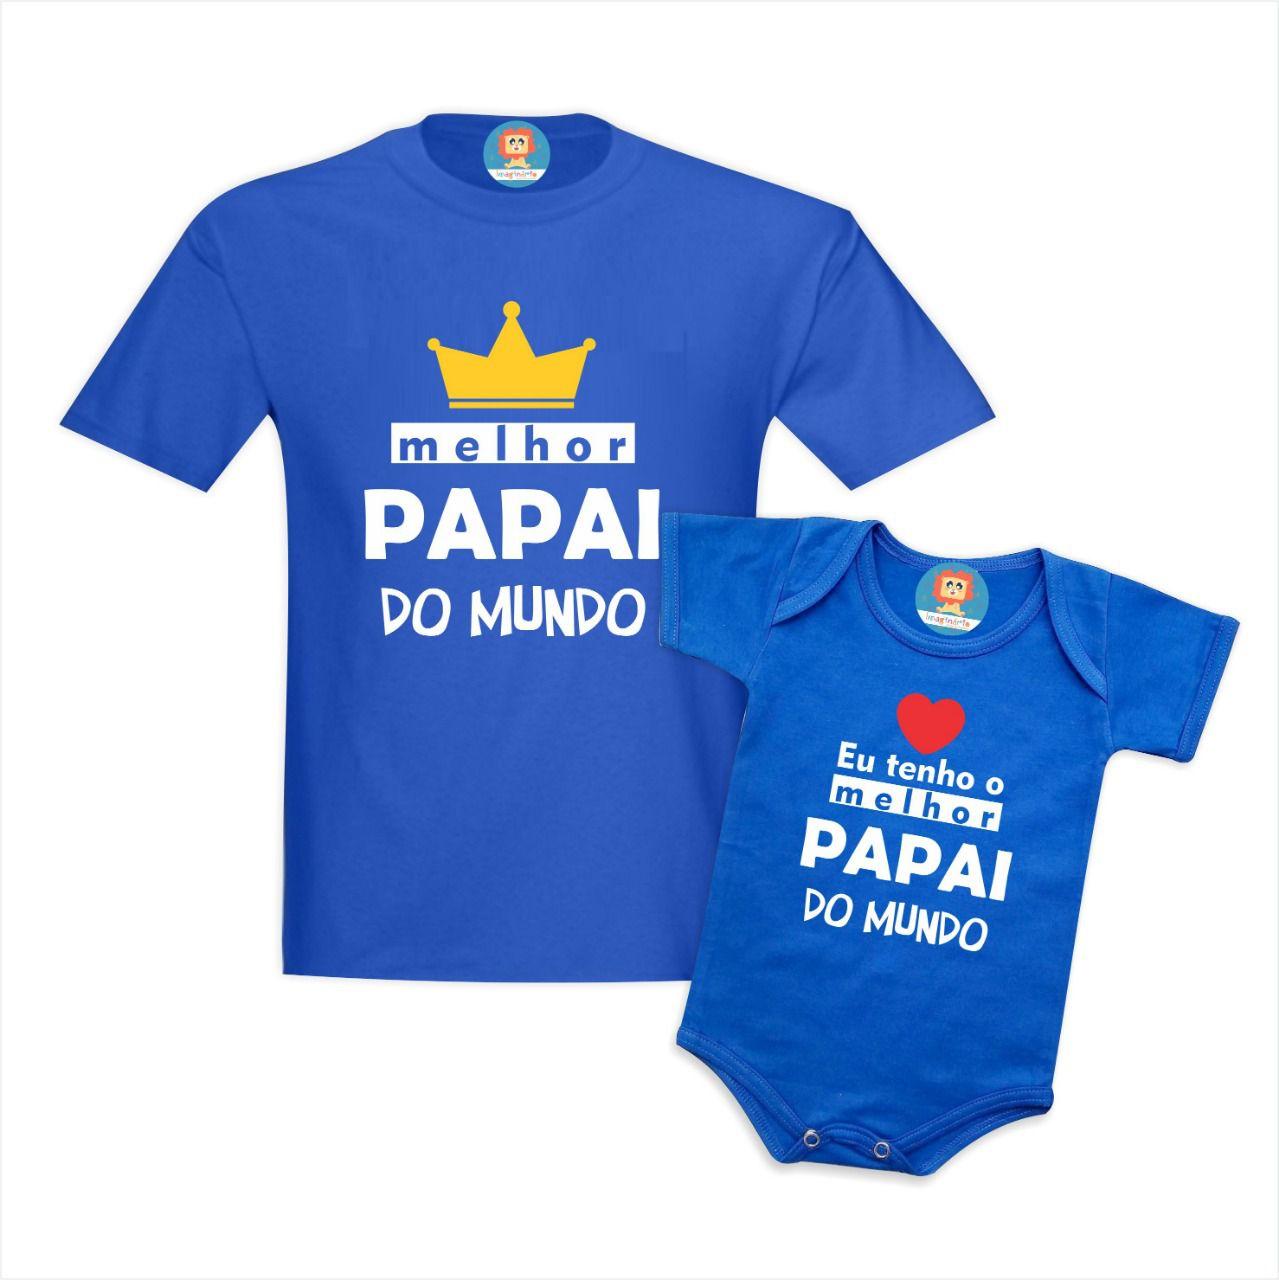 Kit Melhor Papai do Mundo Coroa e Coração